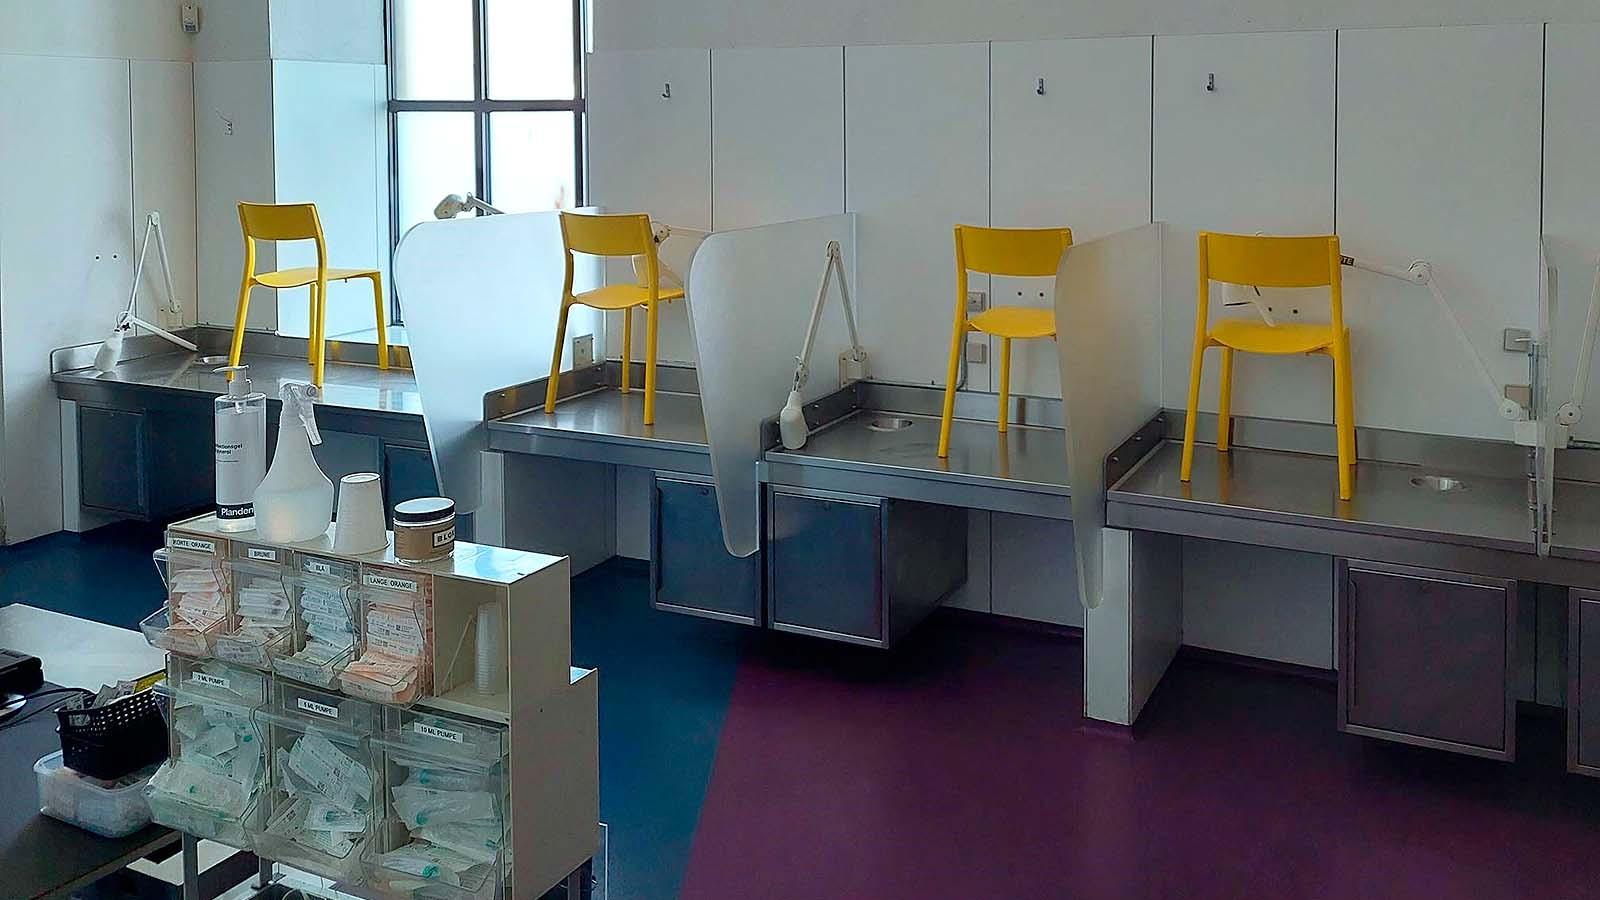 Keltaisia tuoleja pöydillä, valokuva.